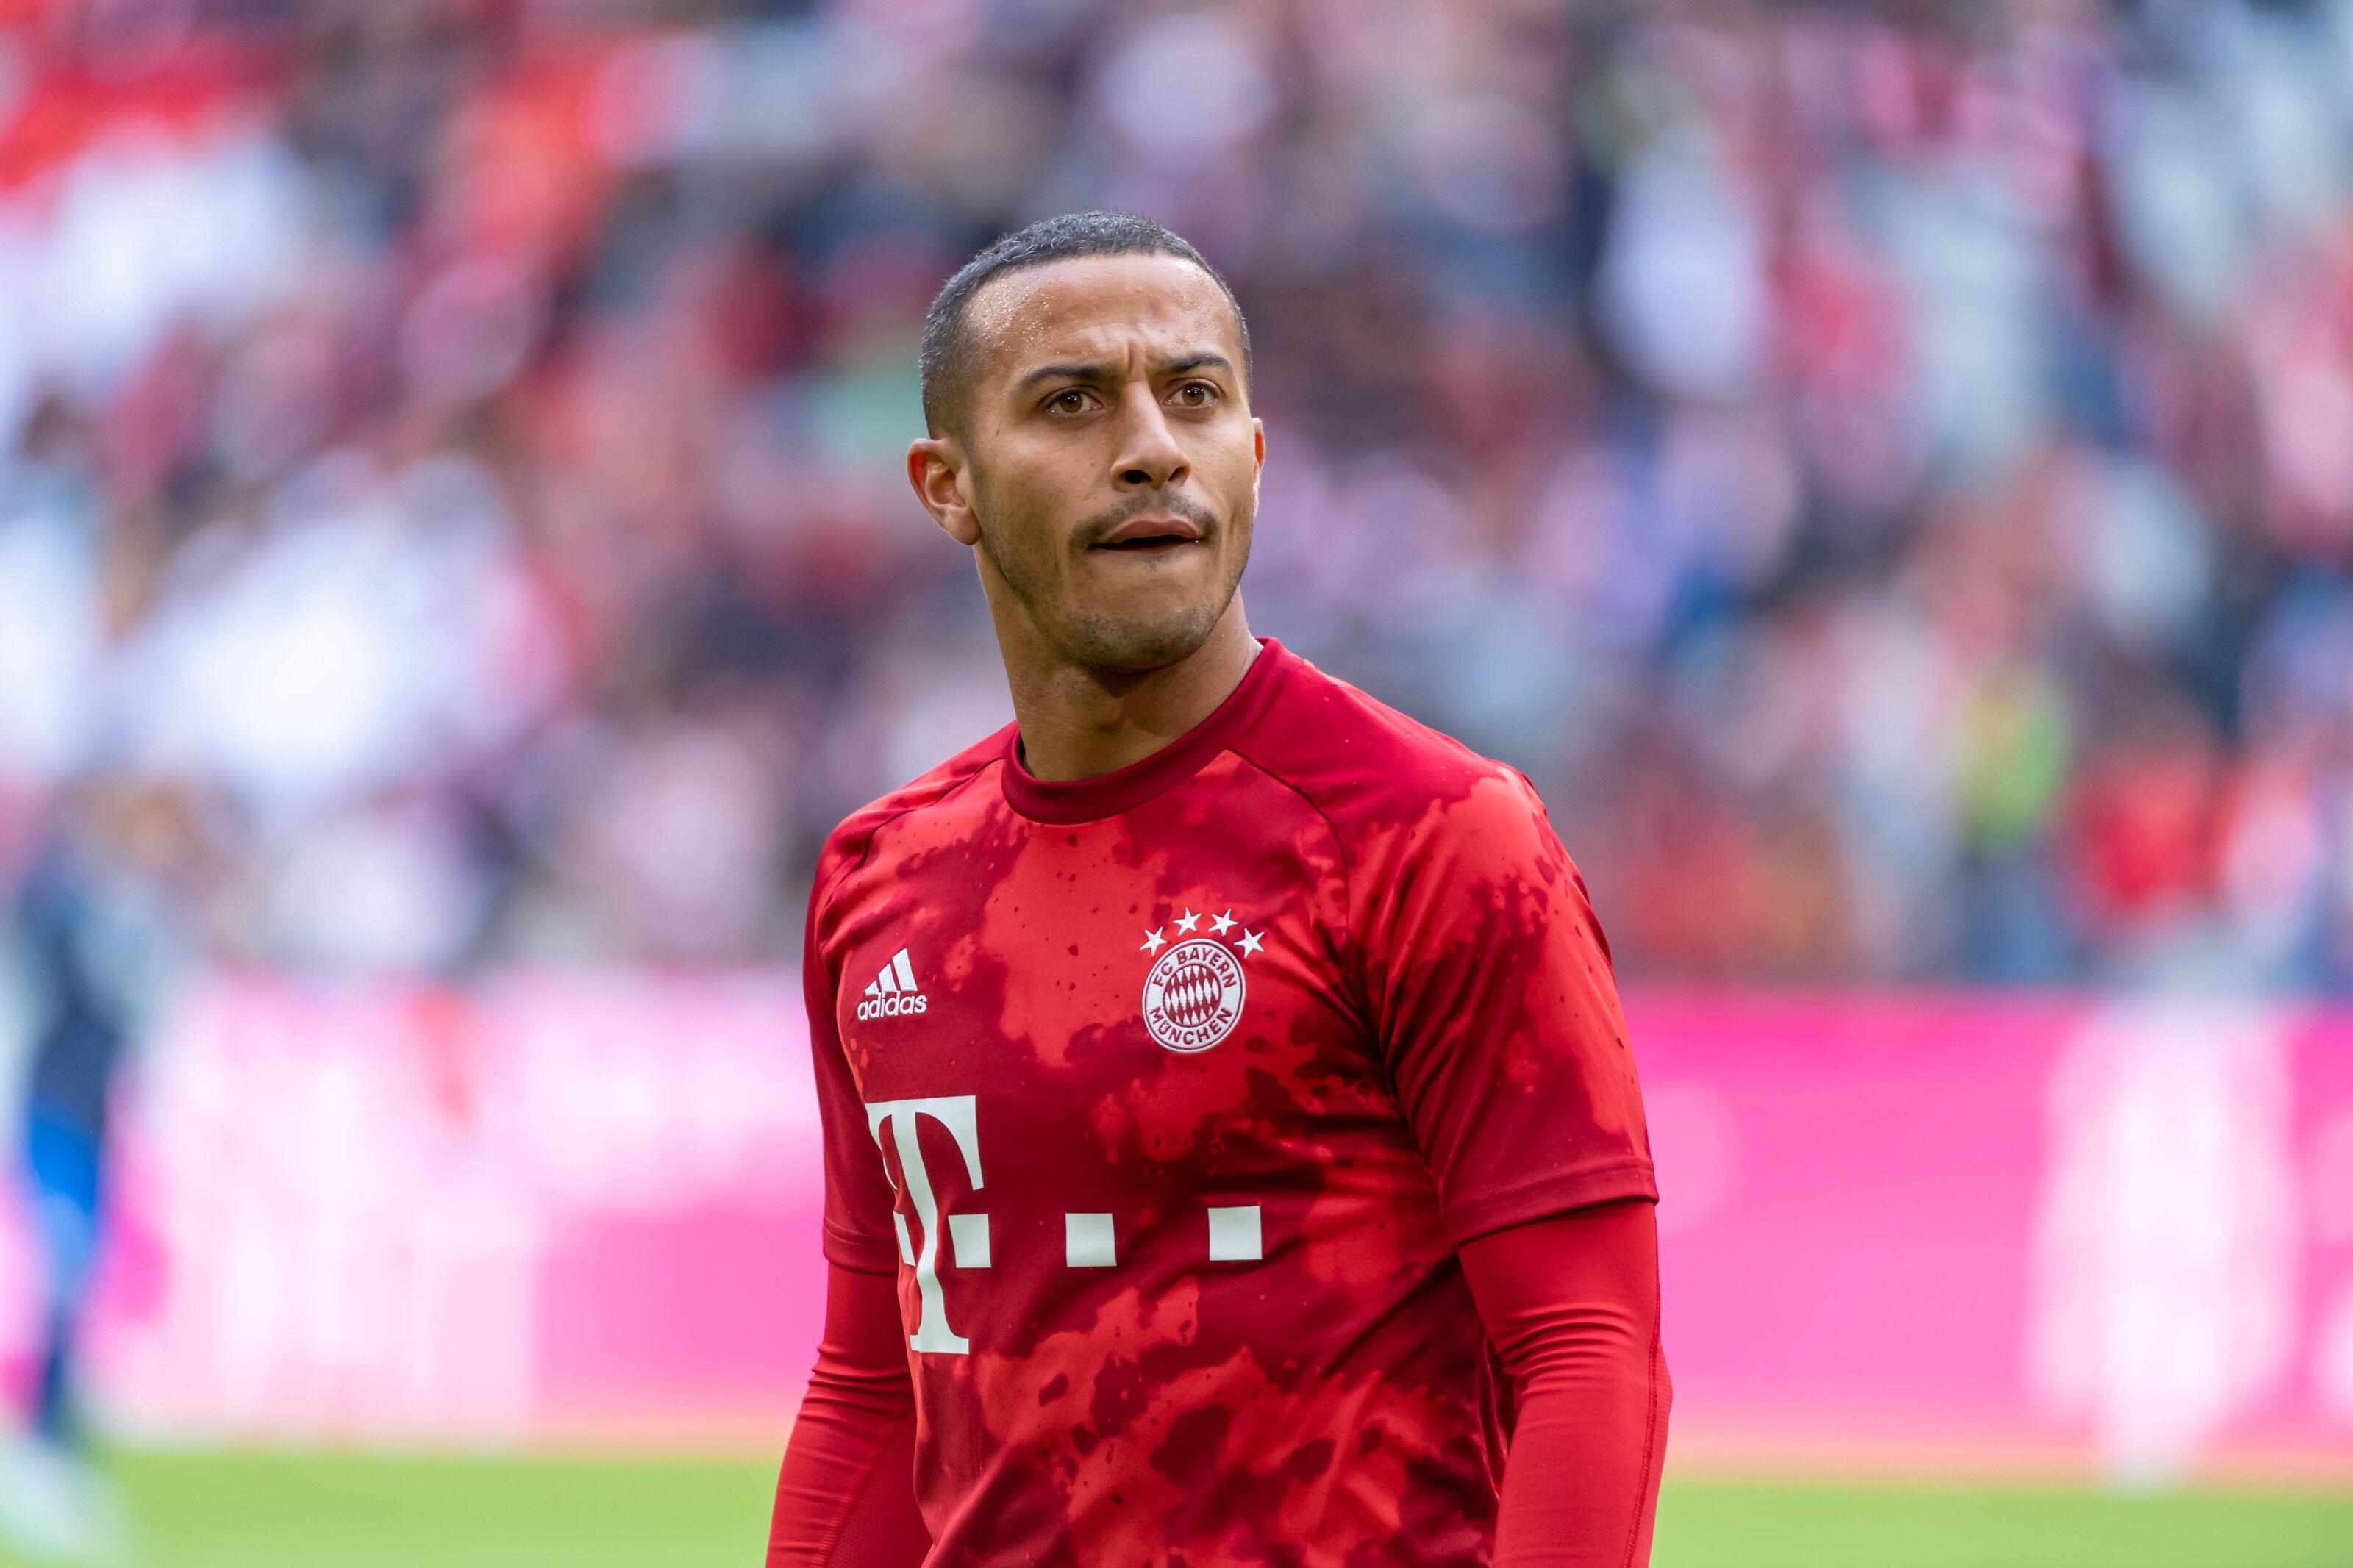 Bayern Munich midfielder Thiago Alcantara not worried about criticism